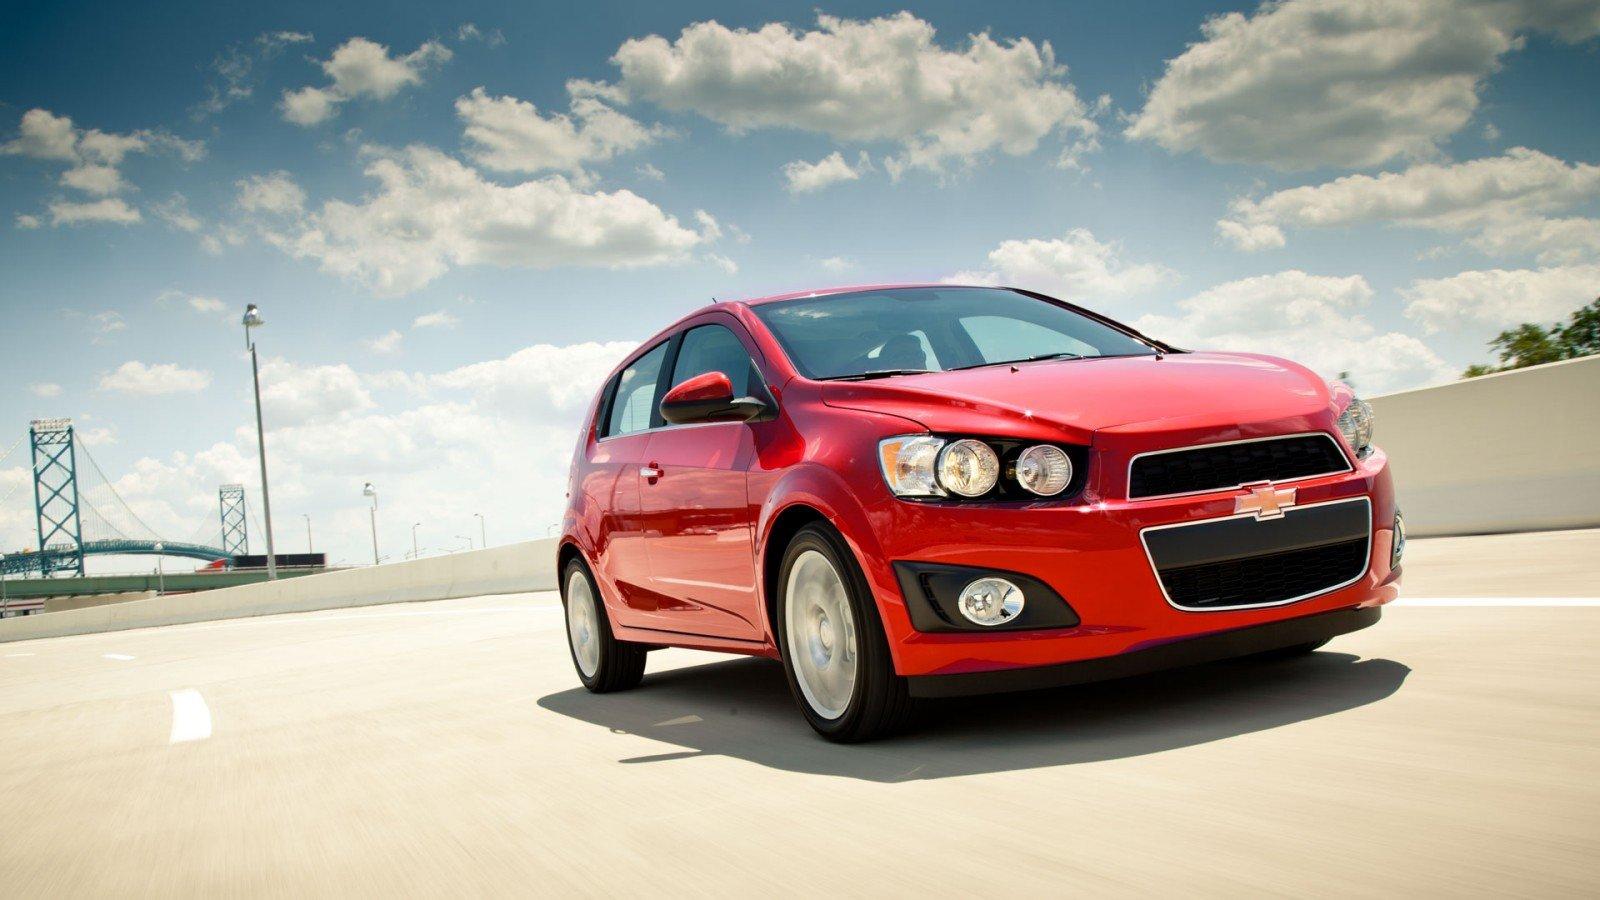 Chevrolet Sonic Repair Manual: Rear Side Door Replacement